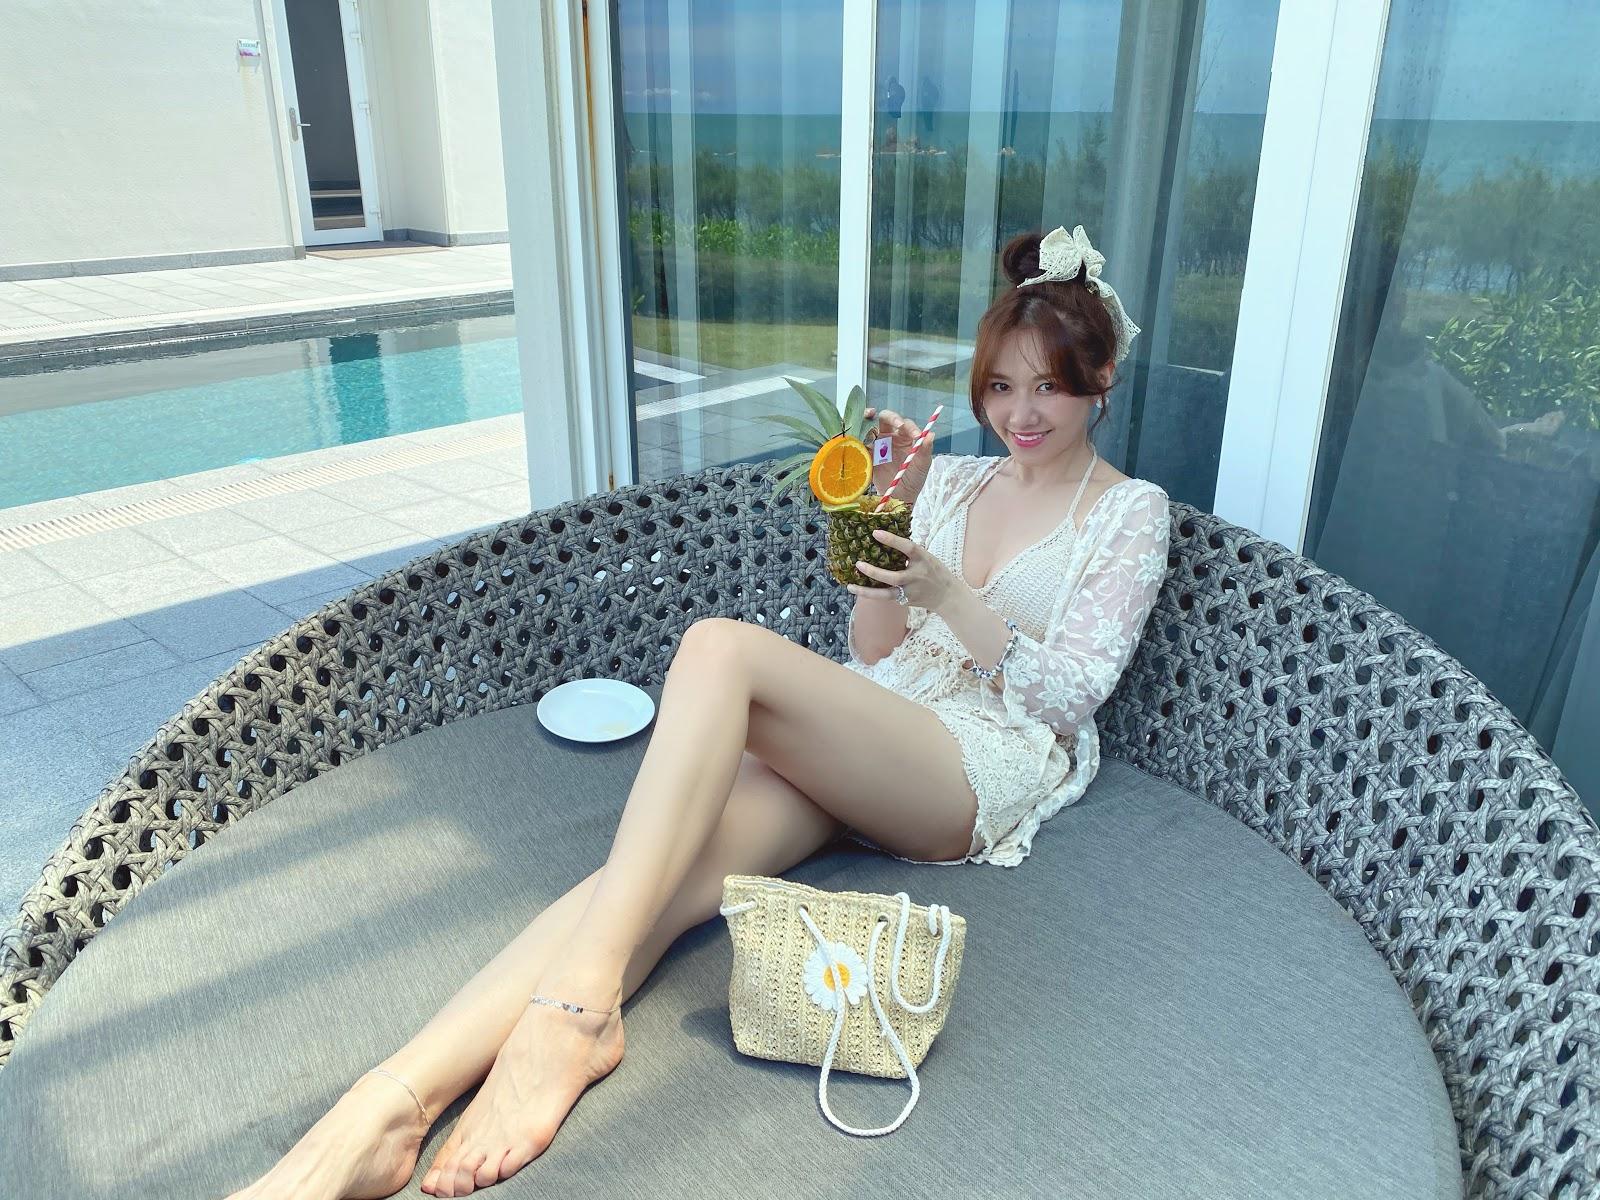 Trấn Thành làm 'phó nháy' ghi lại khoảnh khắc Hari Won diện bikini gợi cảm ở tuổi 35 - Hình 10